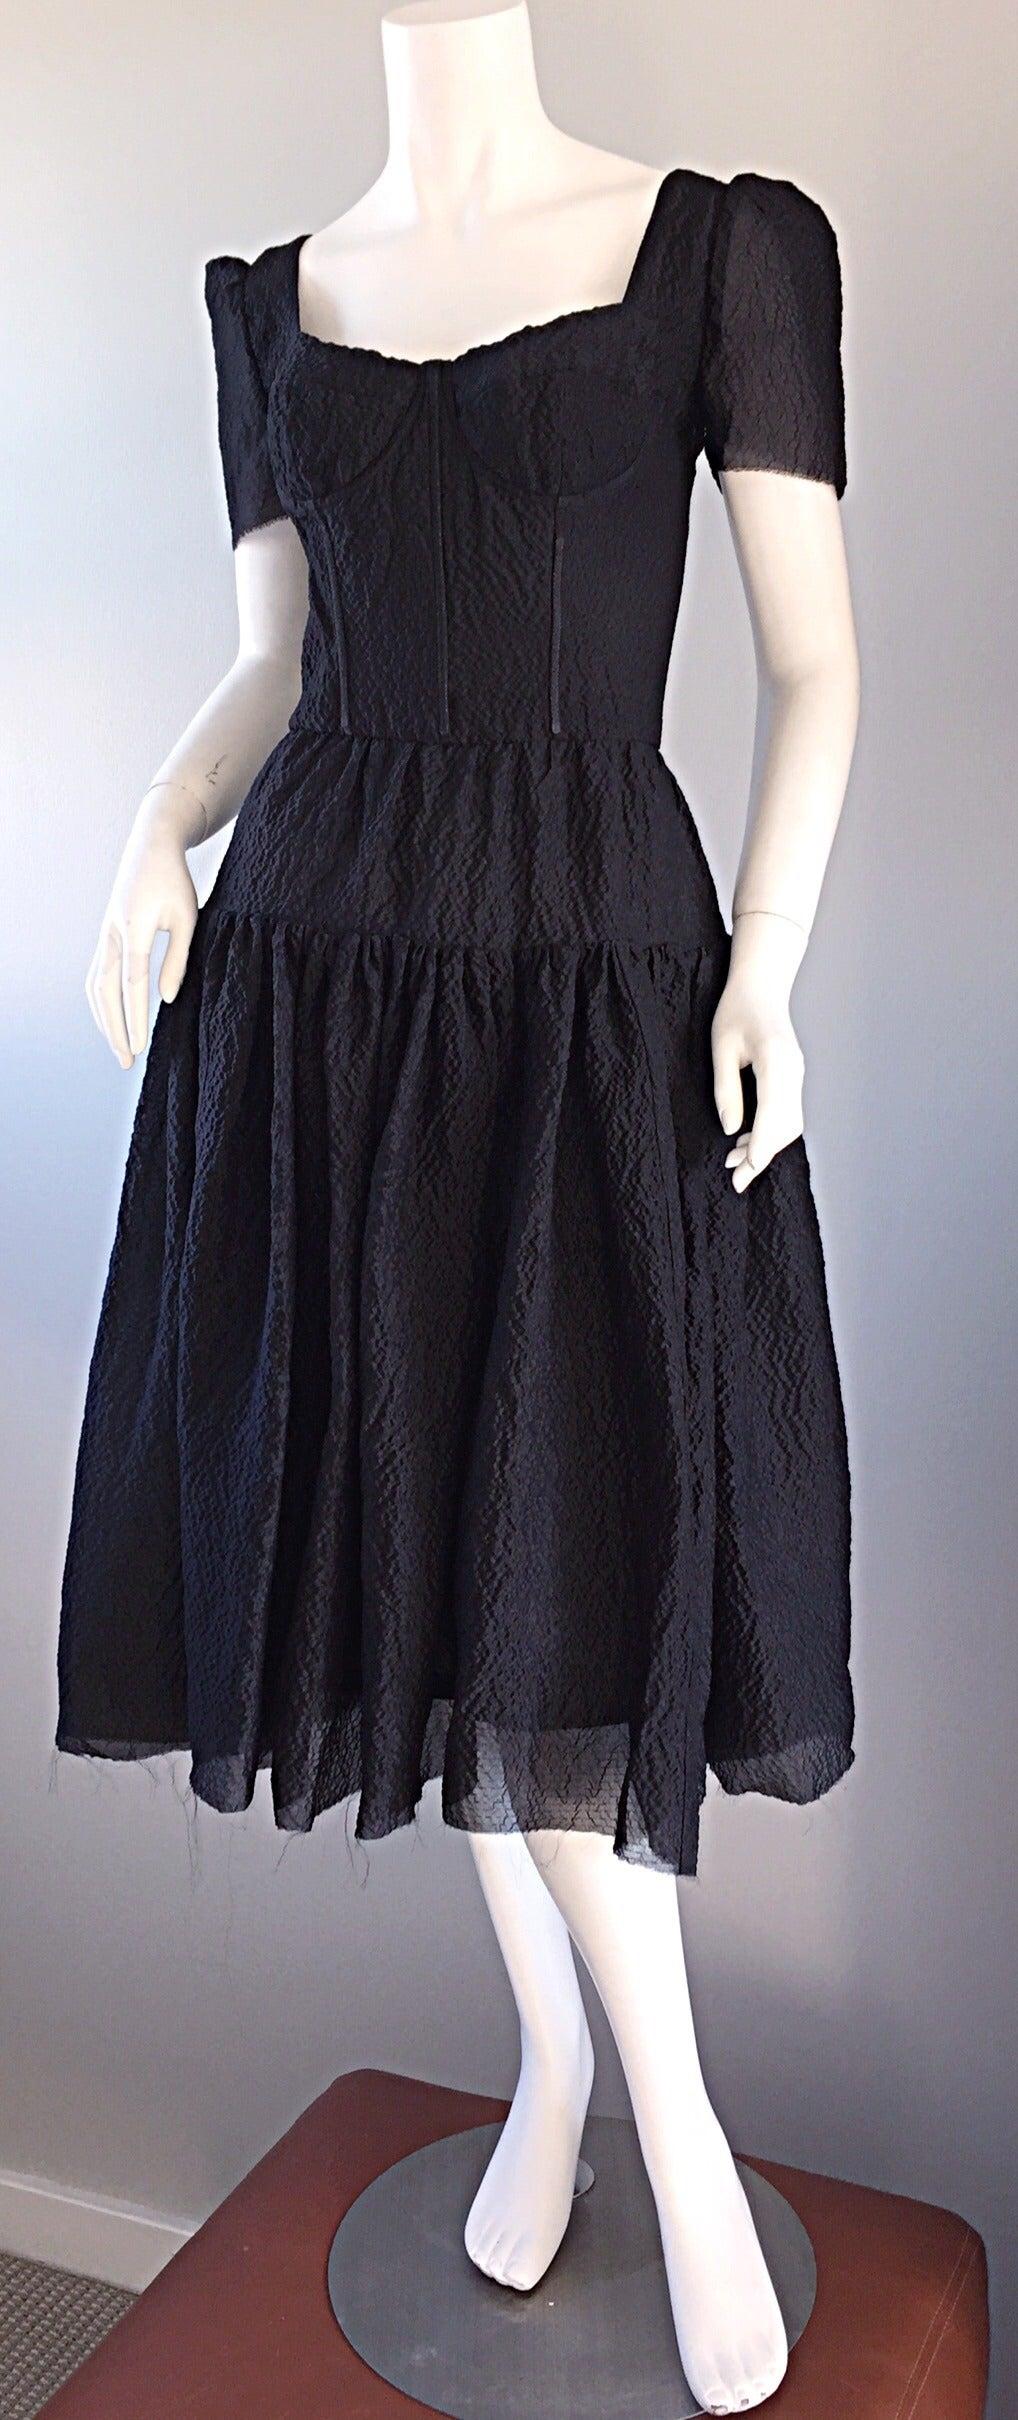 Women's New Dolce & Gabbana Black Silk Bustier Runway Dress from